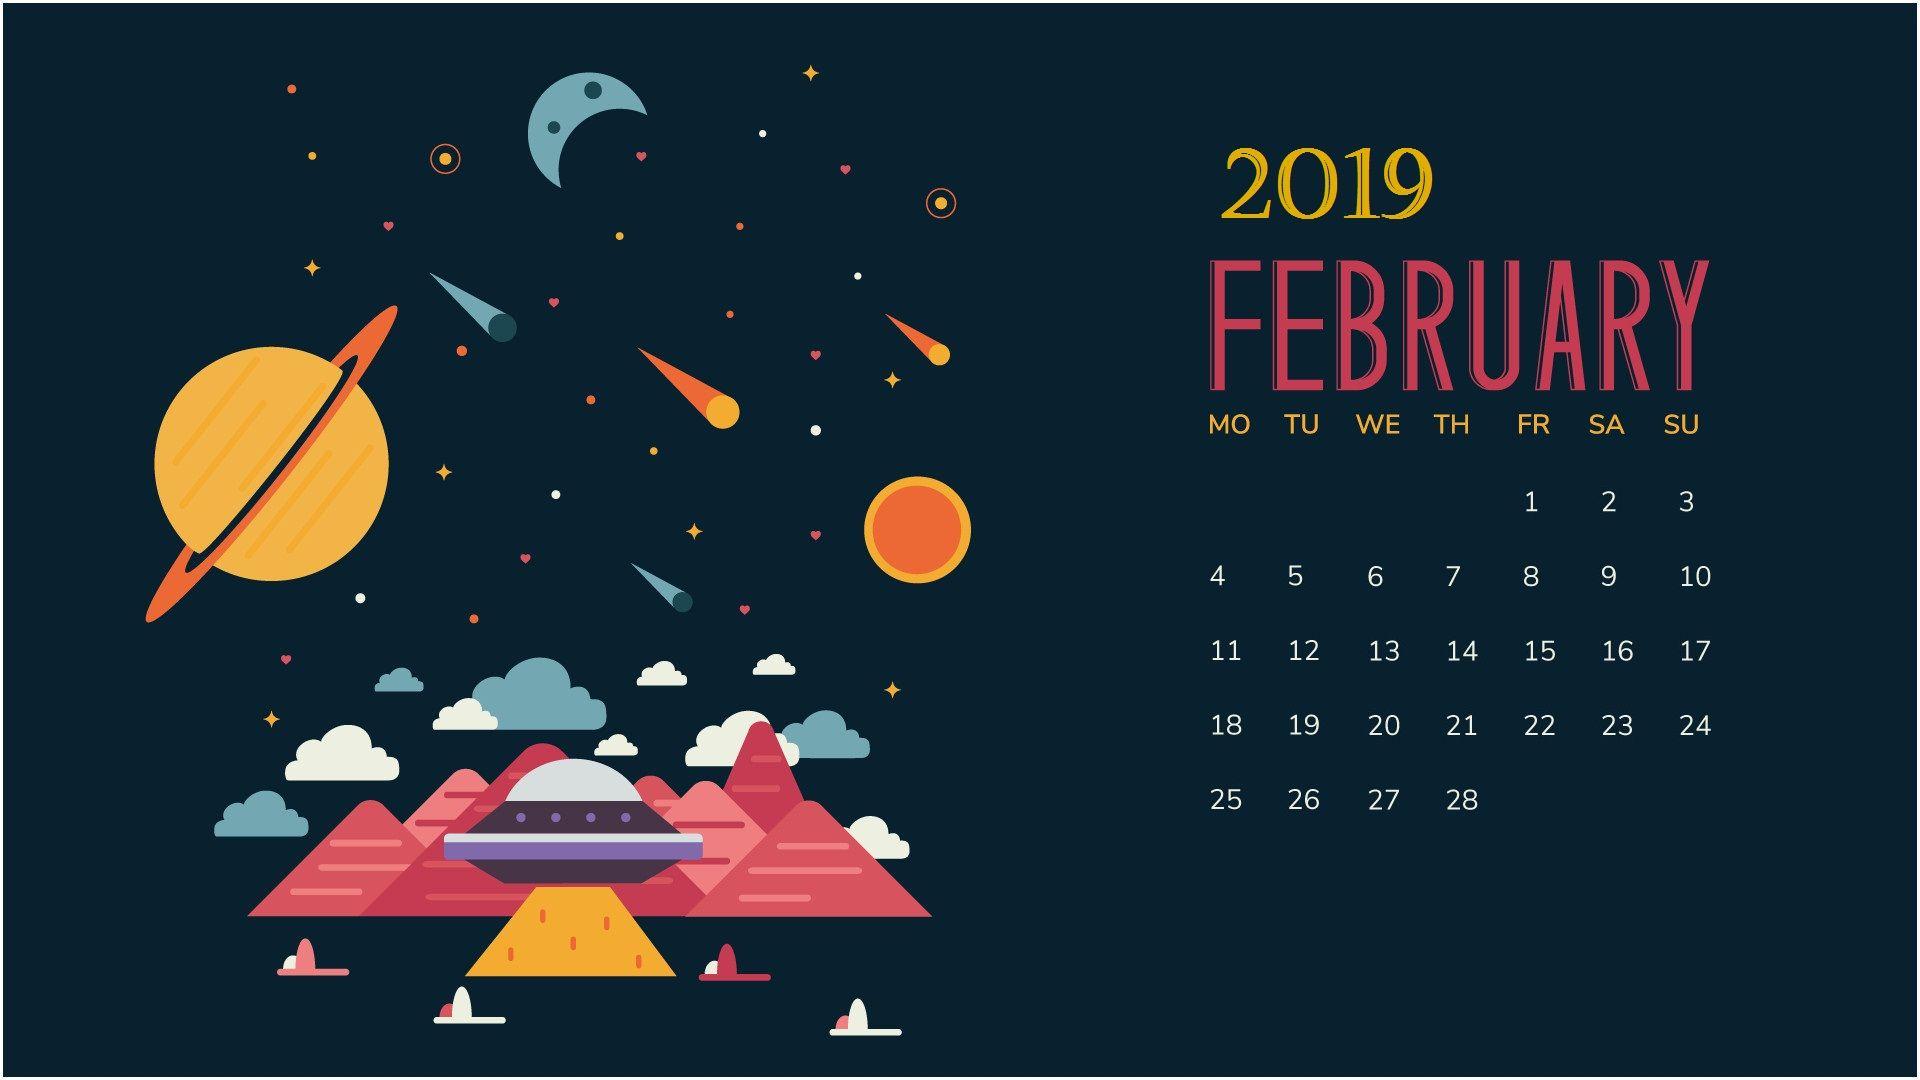 February 2019 Desktop Calendar Calendar Wallpaper February Wallpaper Desktop Calendar